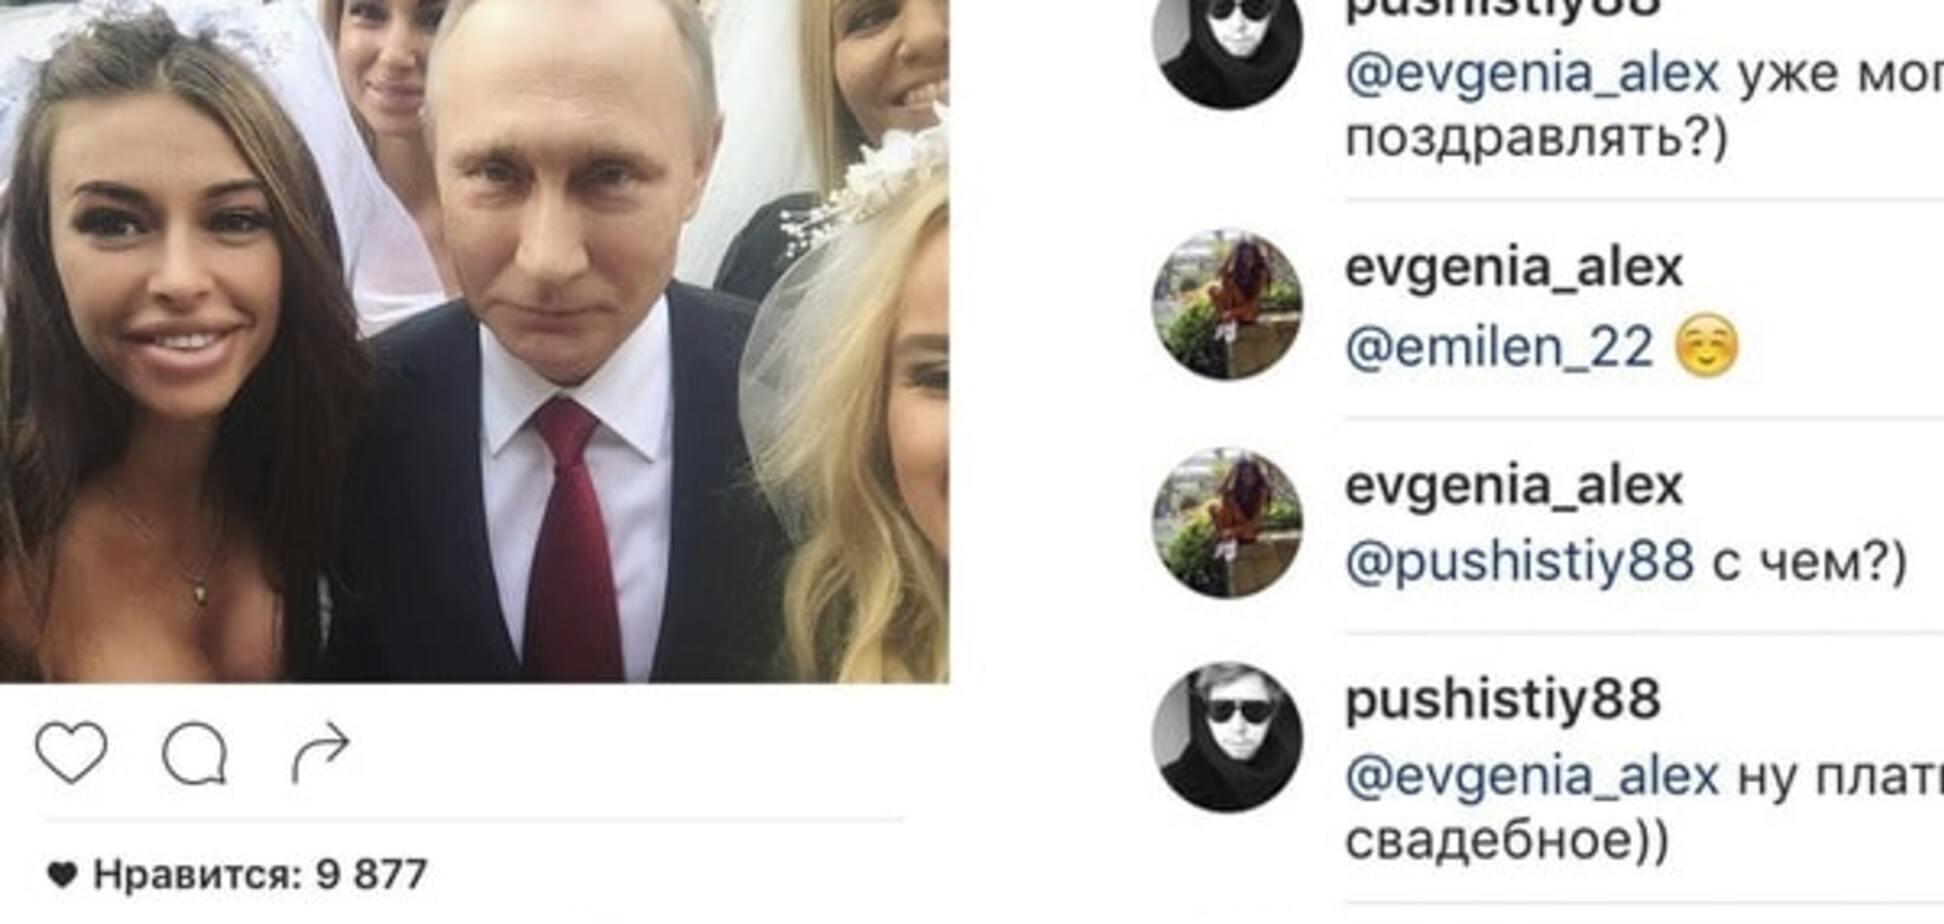 Он хоть настоящий? Соцсети высмеяли фотосессию Путина с 'невестами' из эскорта